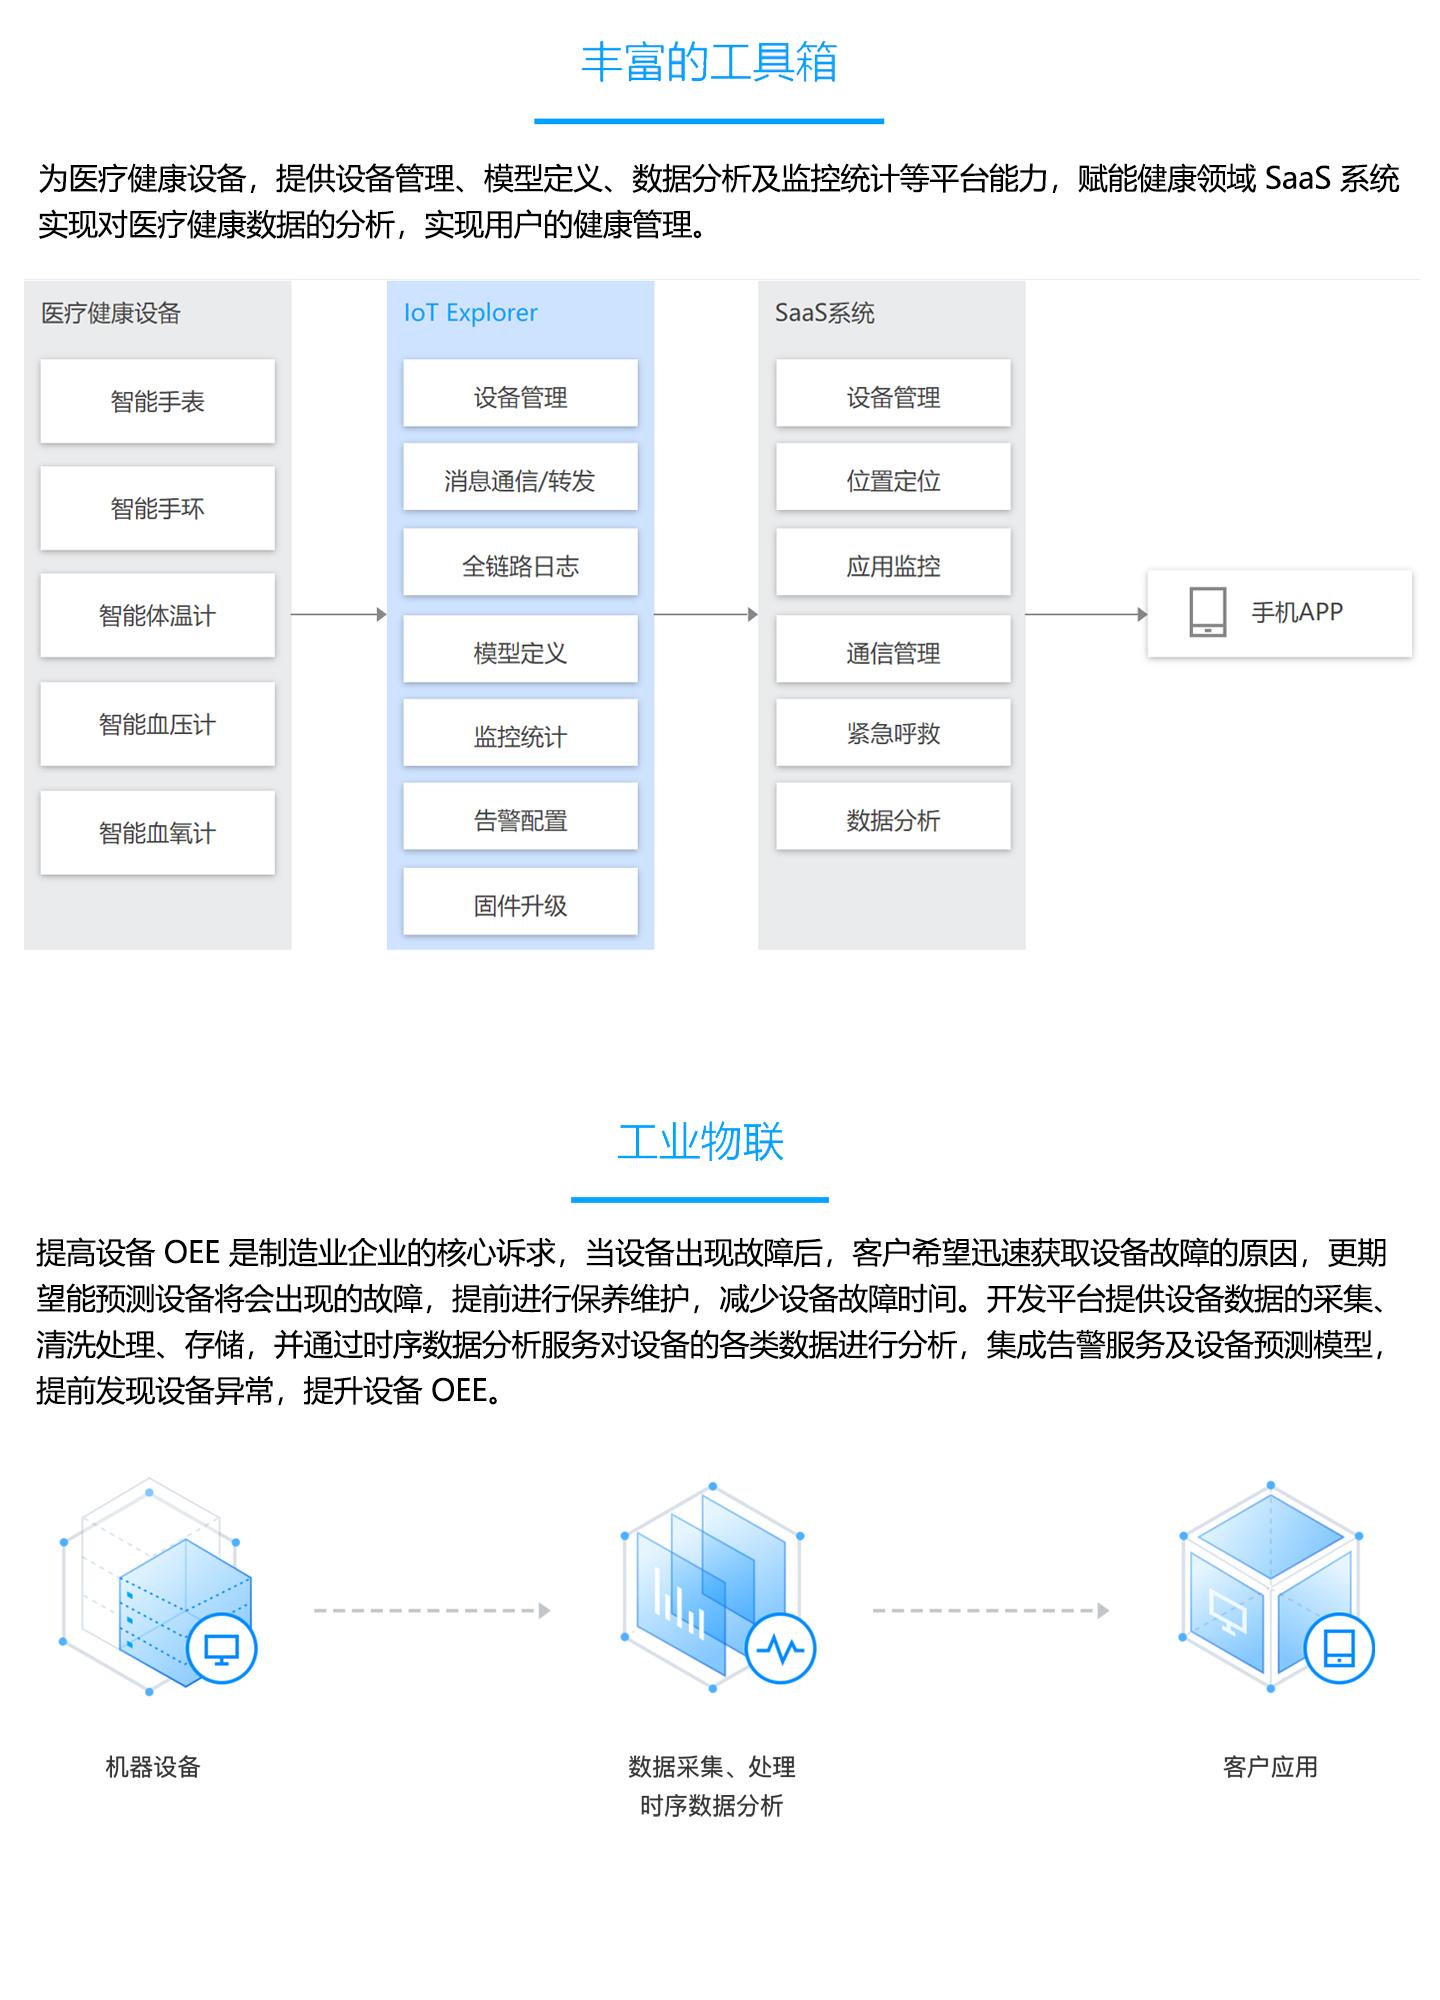 物联网开发平台-IoT-Explorer-1440_04.jpg